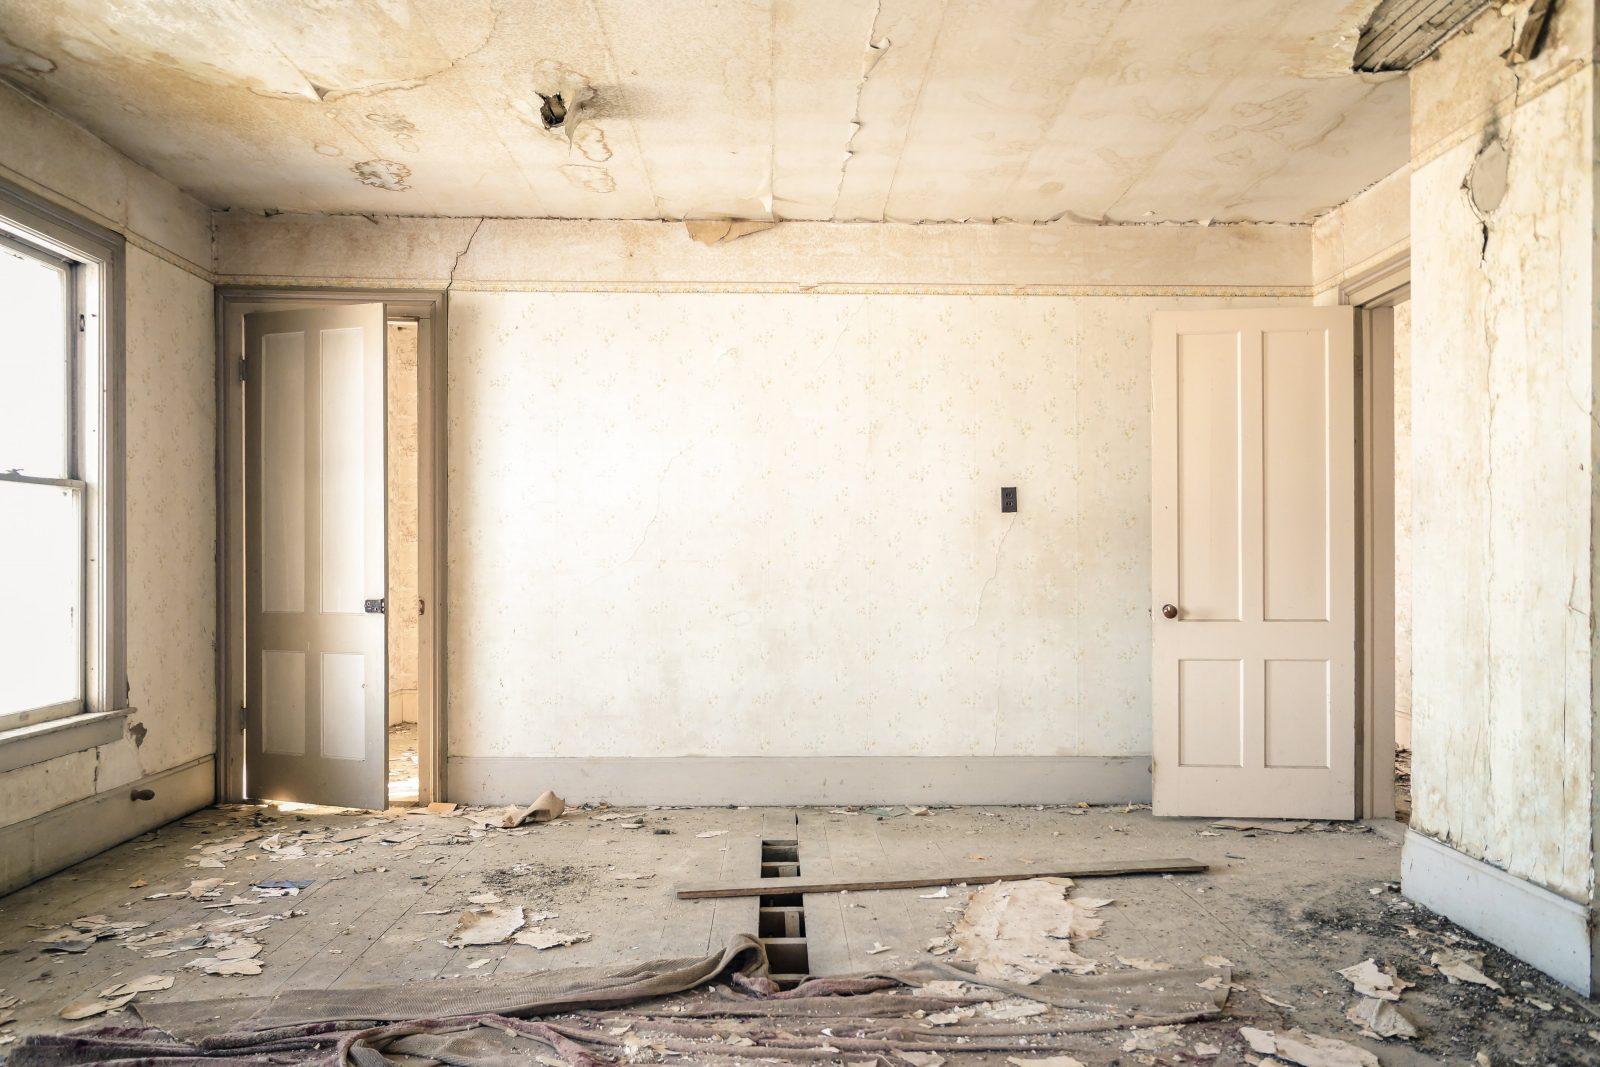 Richtige Vorbereitung Beim Wände Streichen 4 Tipps Bevor Es Los von Wände Streichen Ohne Tapete Photo